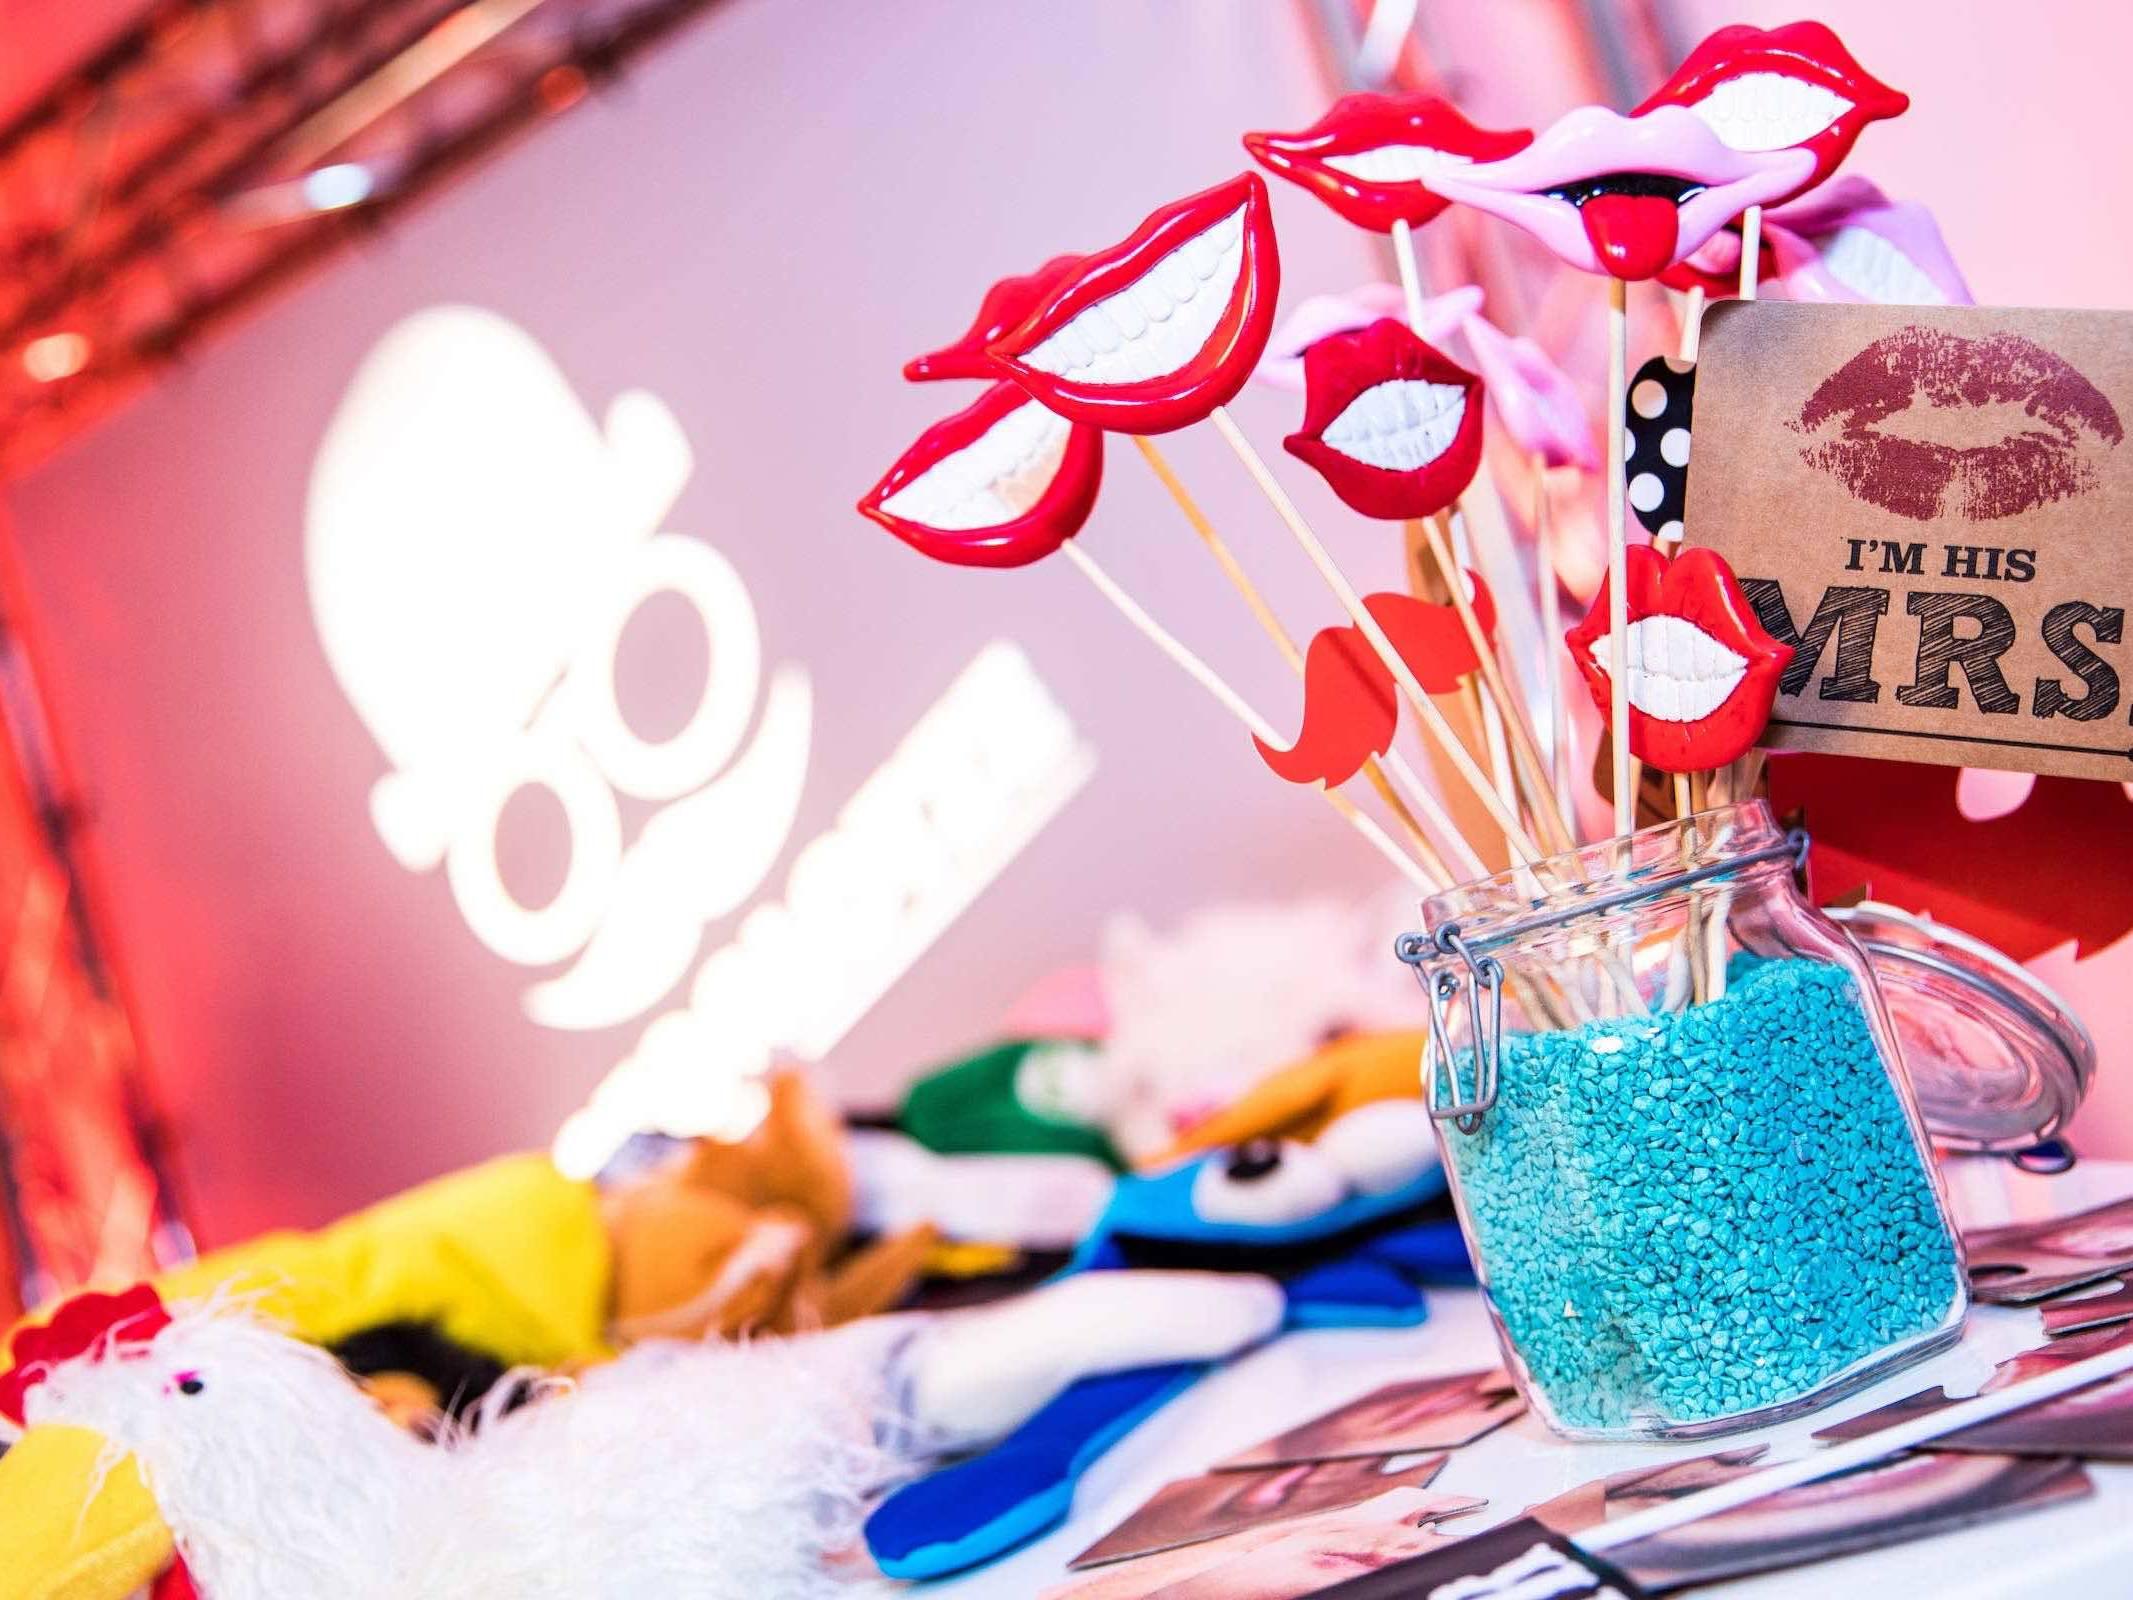 Fotoautomat   Mieten   Fotobox   Hochzeit   Fotokiste   Firmenfeier   Photobooth   Abiball   Hamburg   Messe   Firmenfeier   Buchen   Anfragen   Mieten   Fotoglotze   Hamburgfeiert